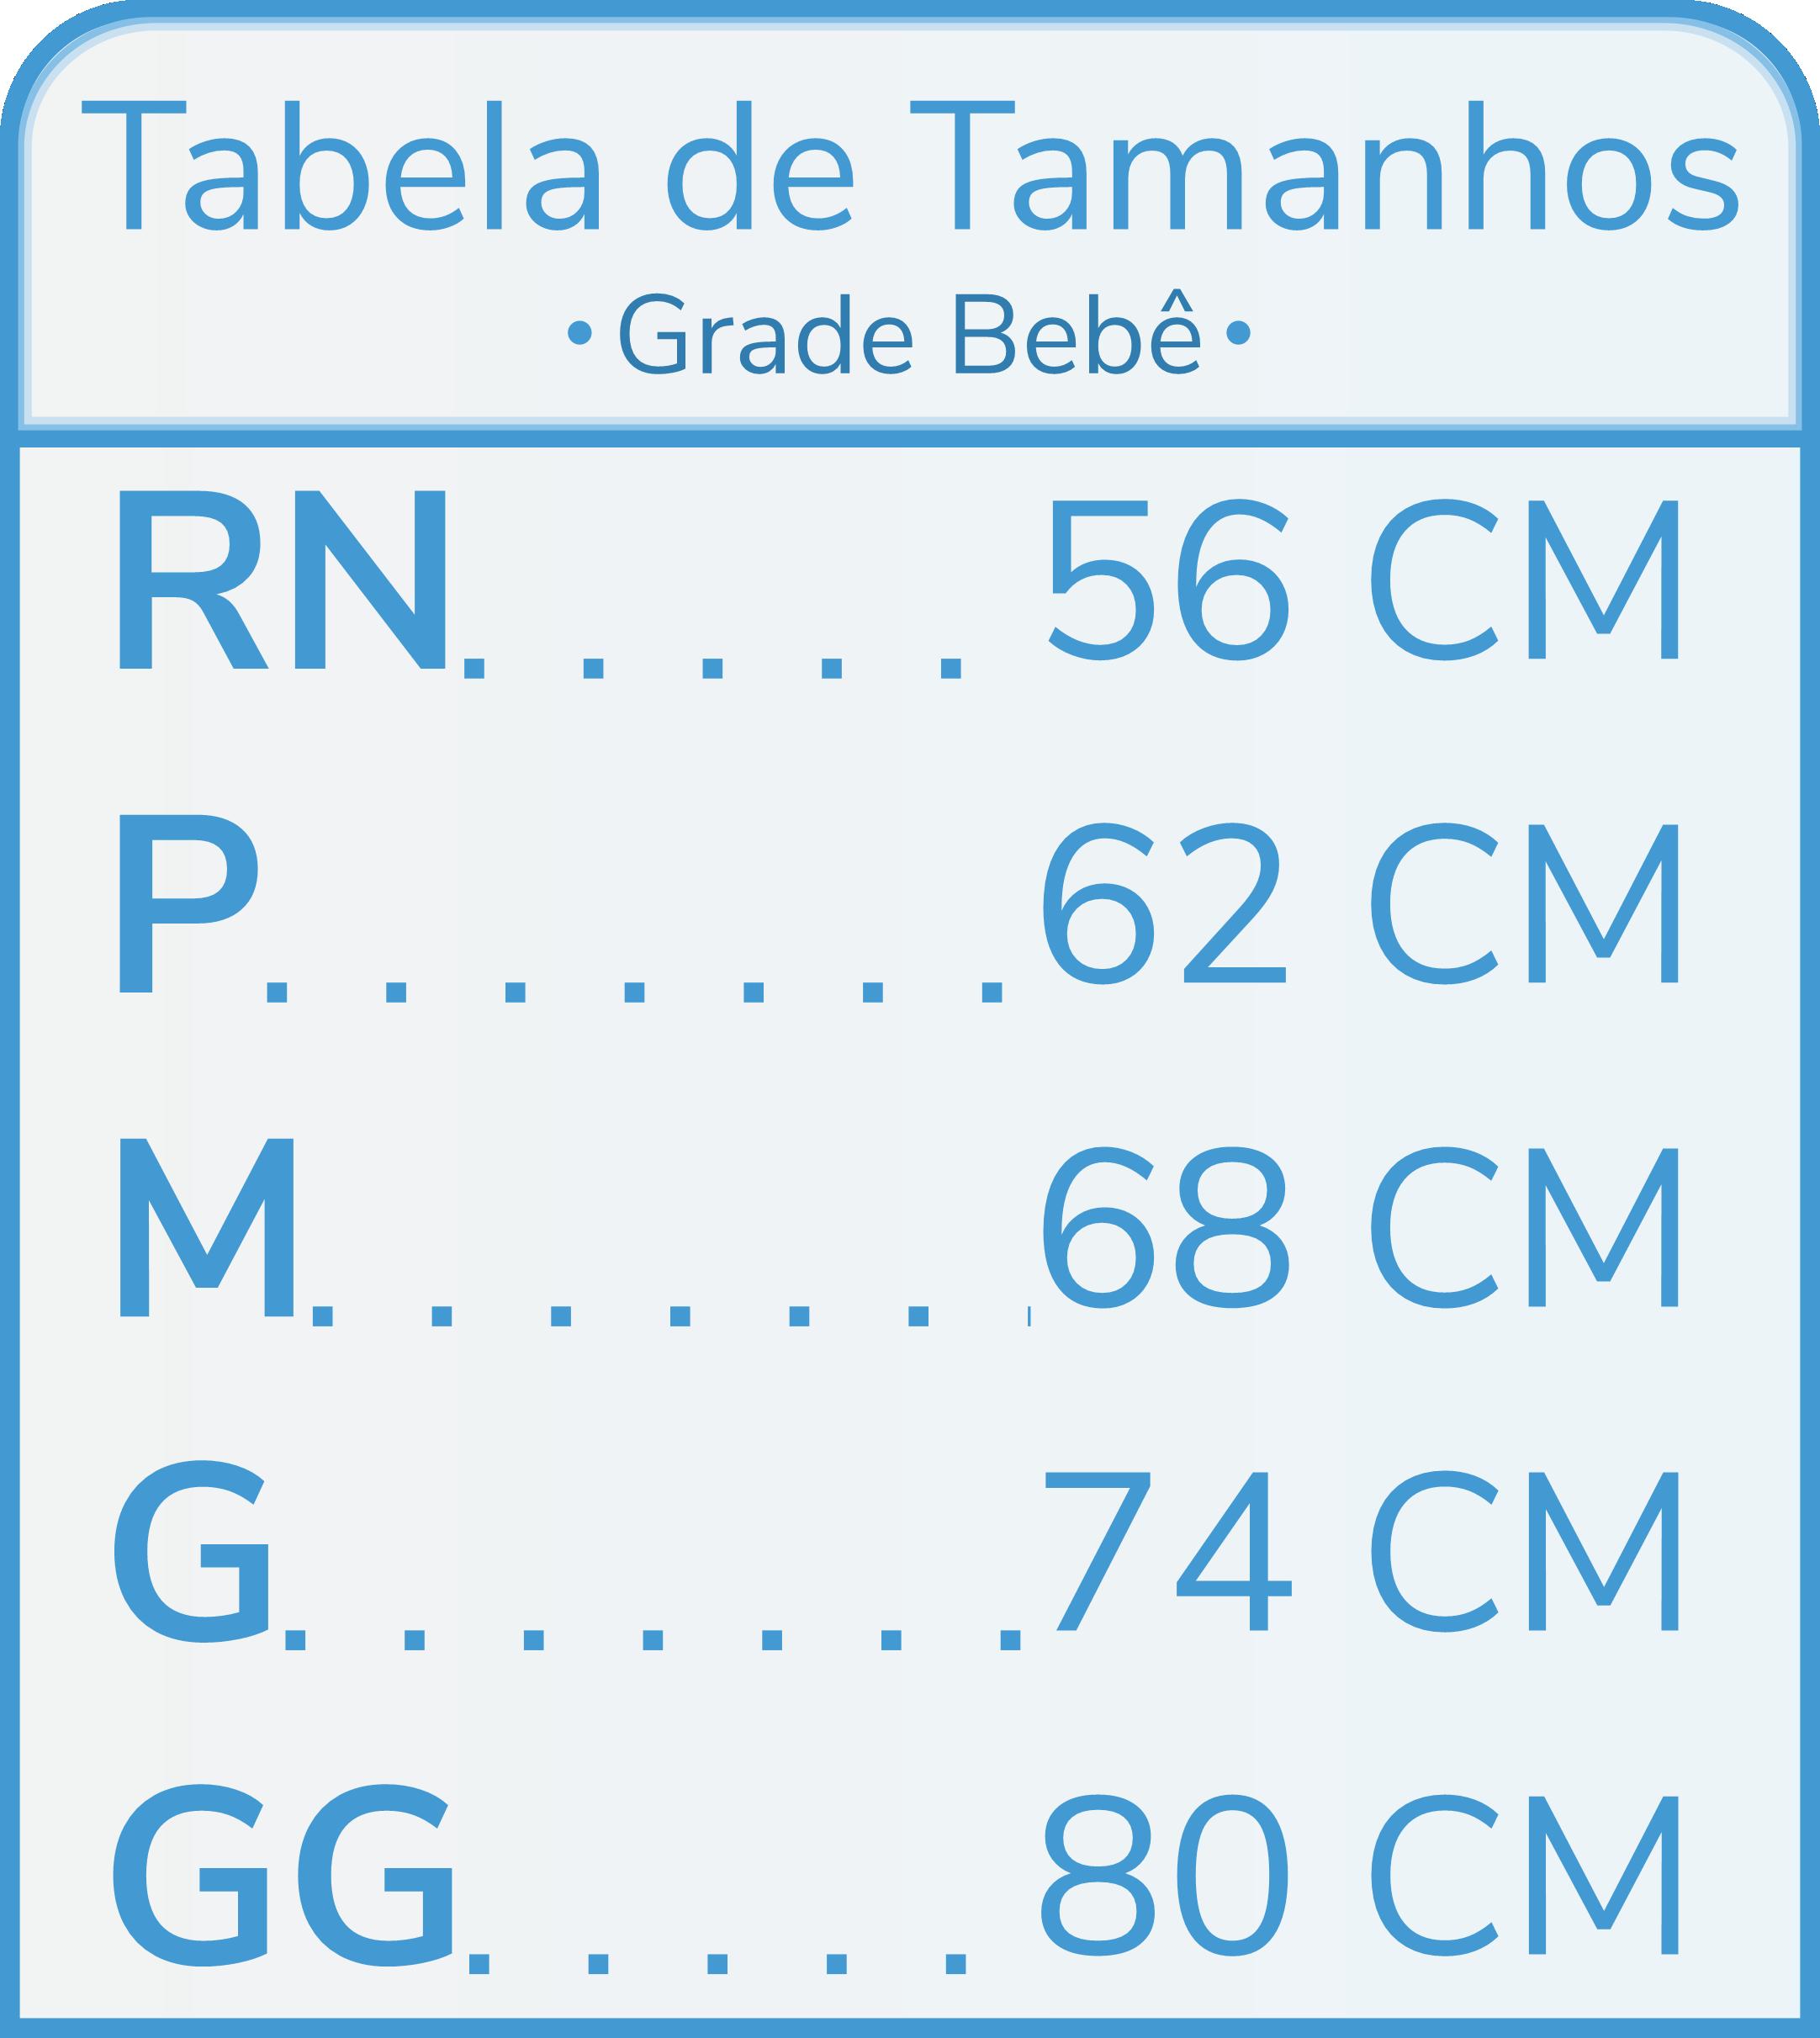 Tabela de Tamanhos Grade Pequena